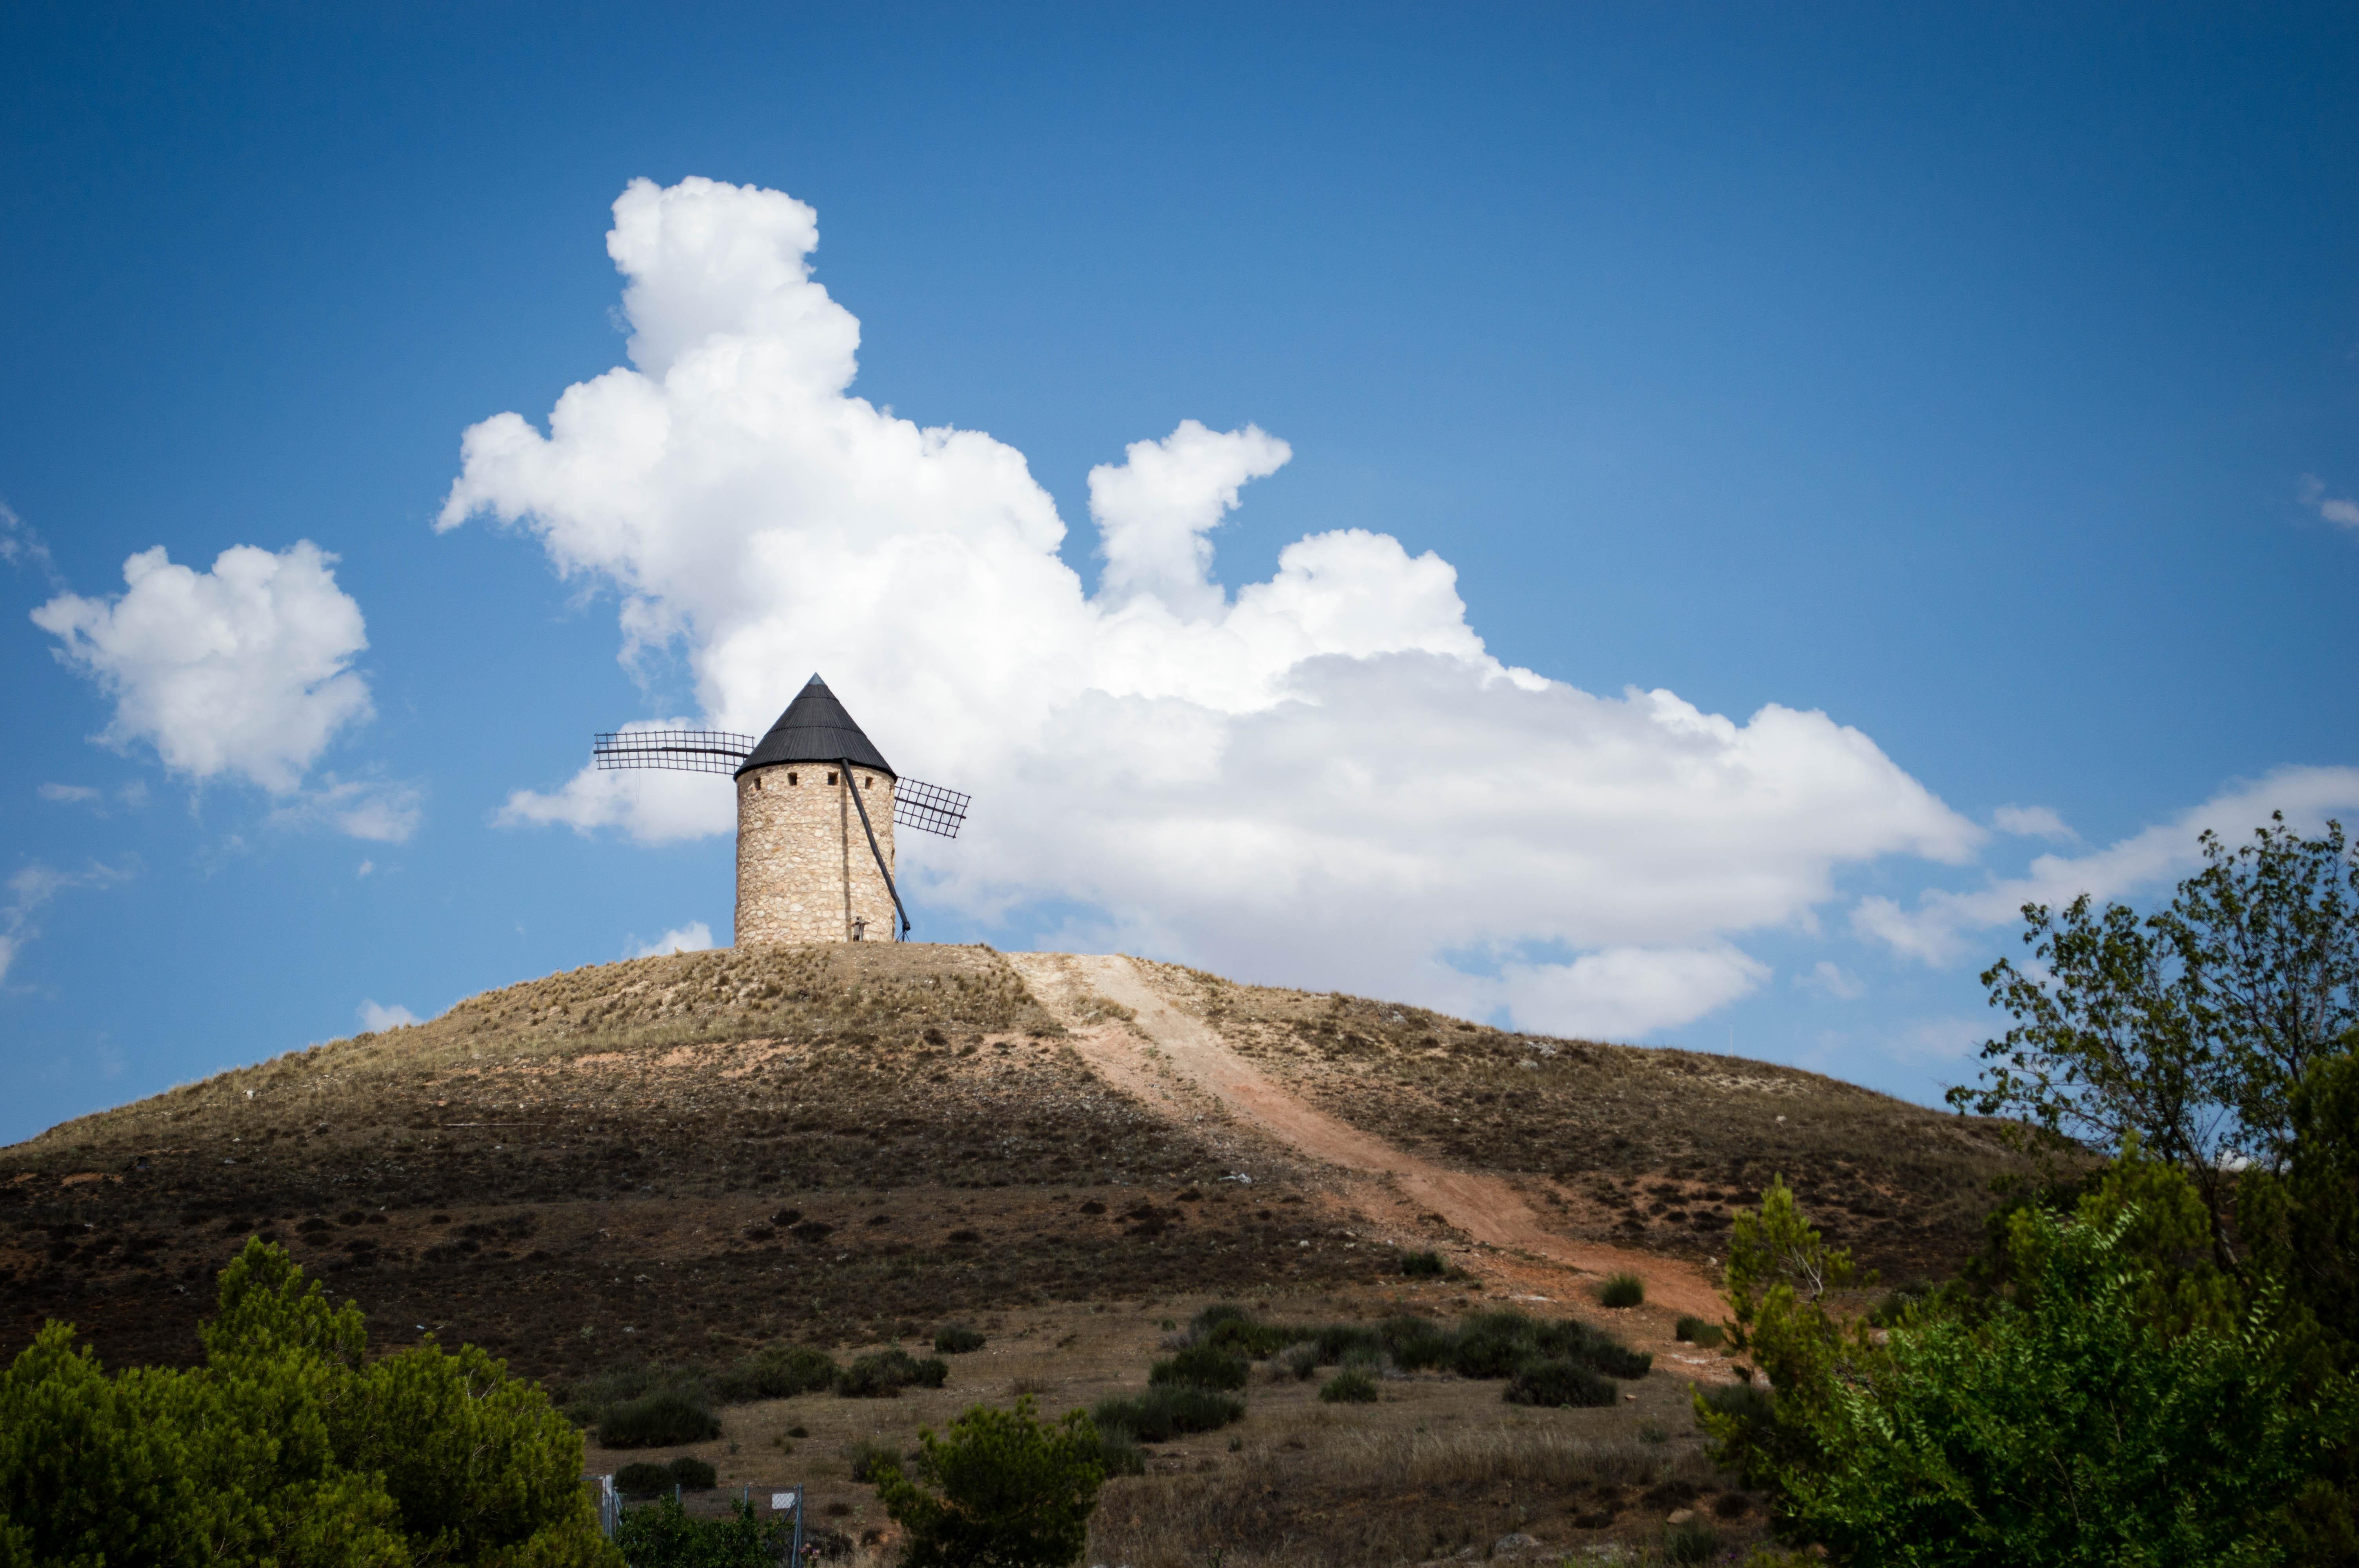 Un molino de viento frente a un camino de piedras en un día soleado en La Mancha